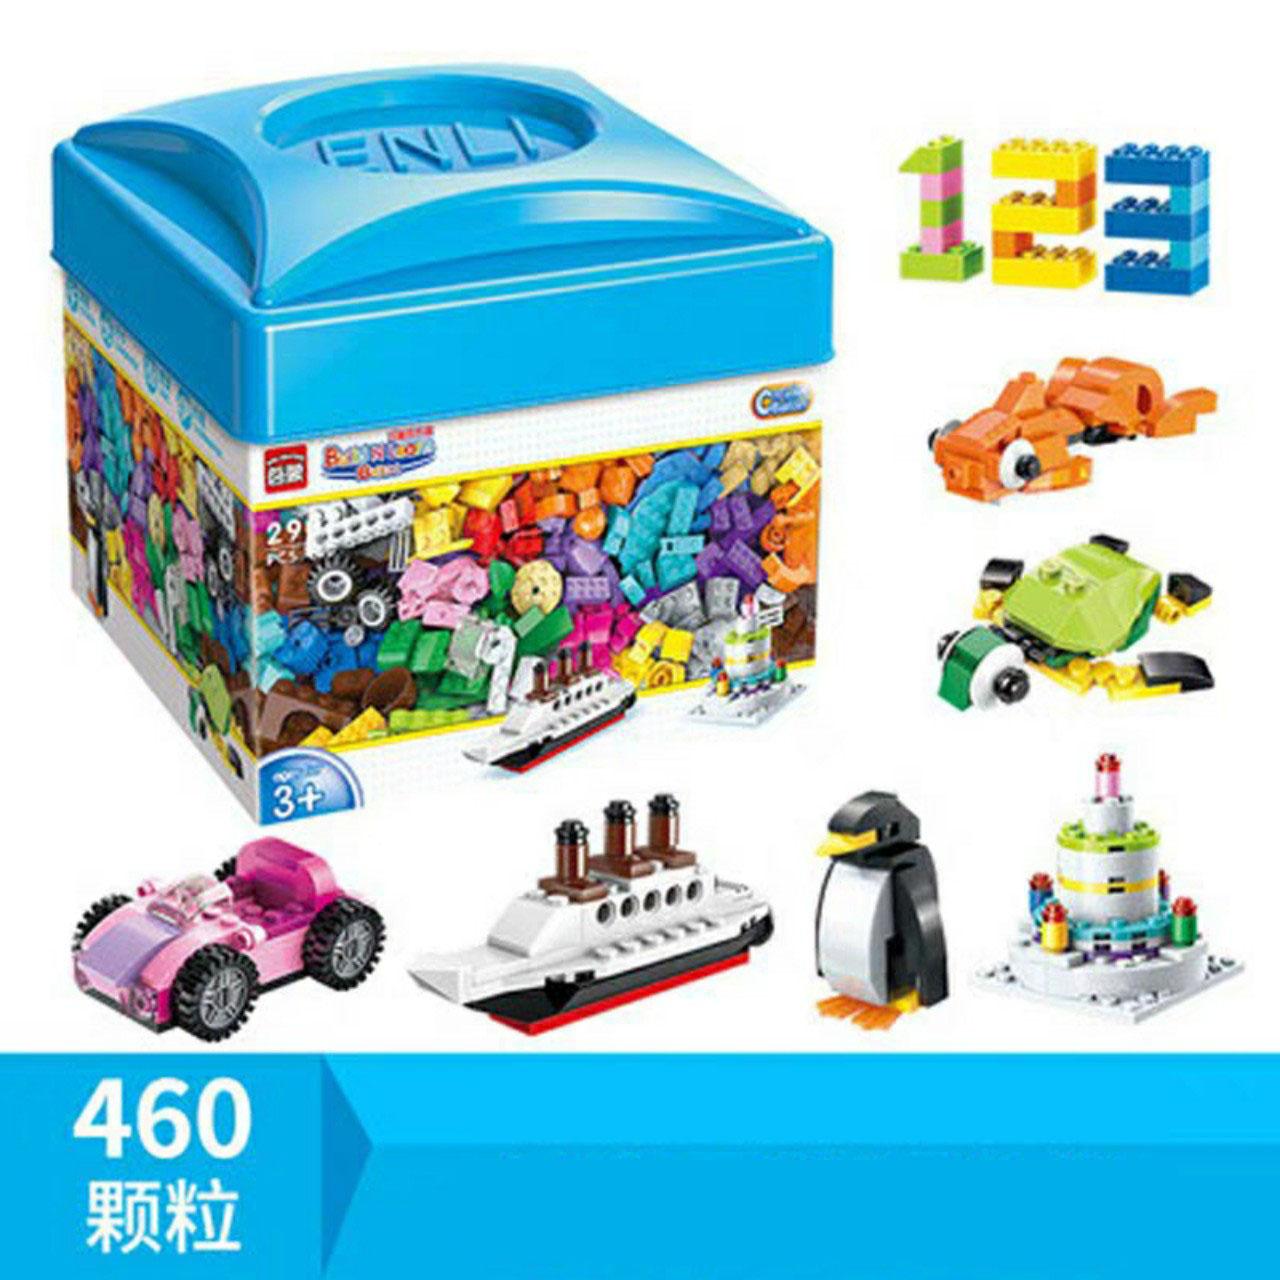 Bộ lego 460 miếng ghép